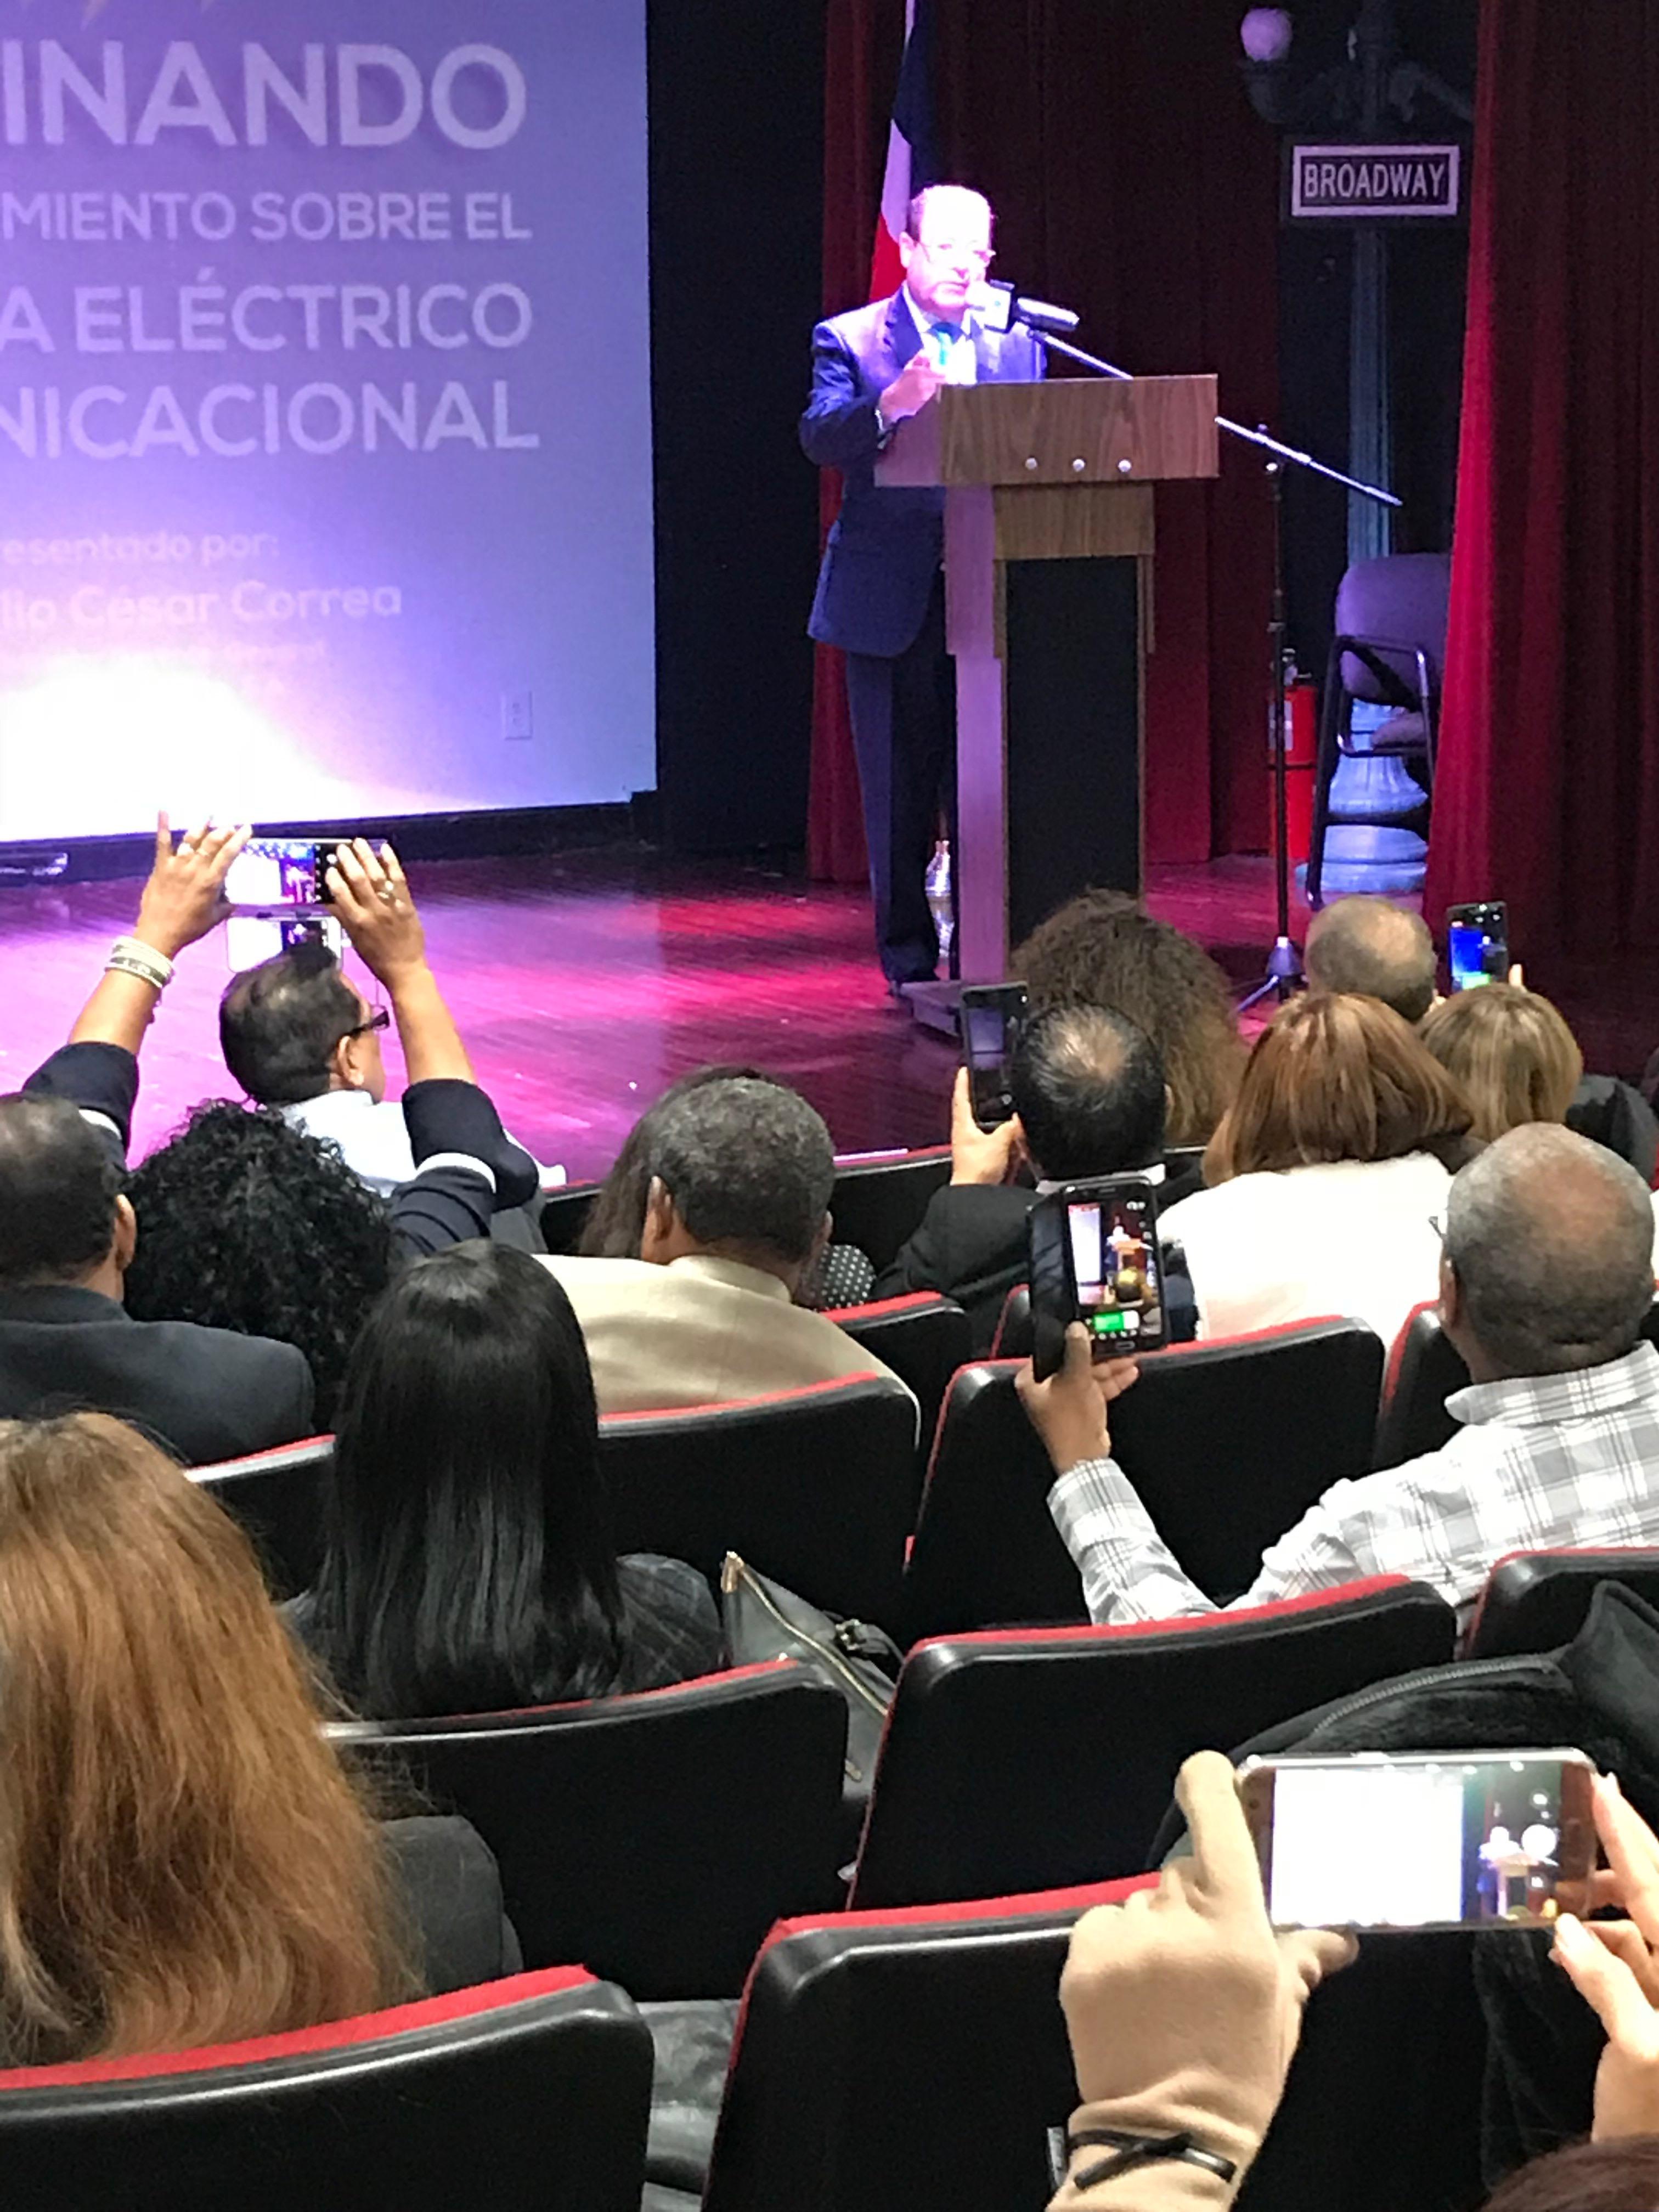 Instante en que el ingeniero Julio César Correa pronuncia la conferencia.